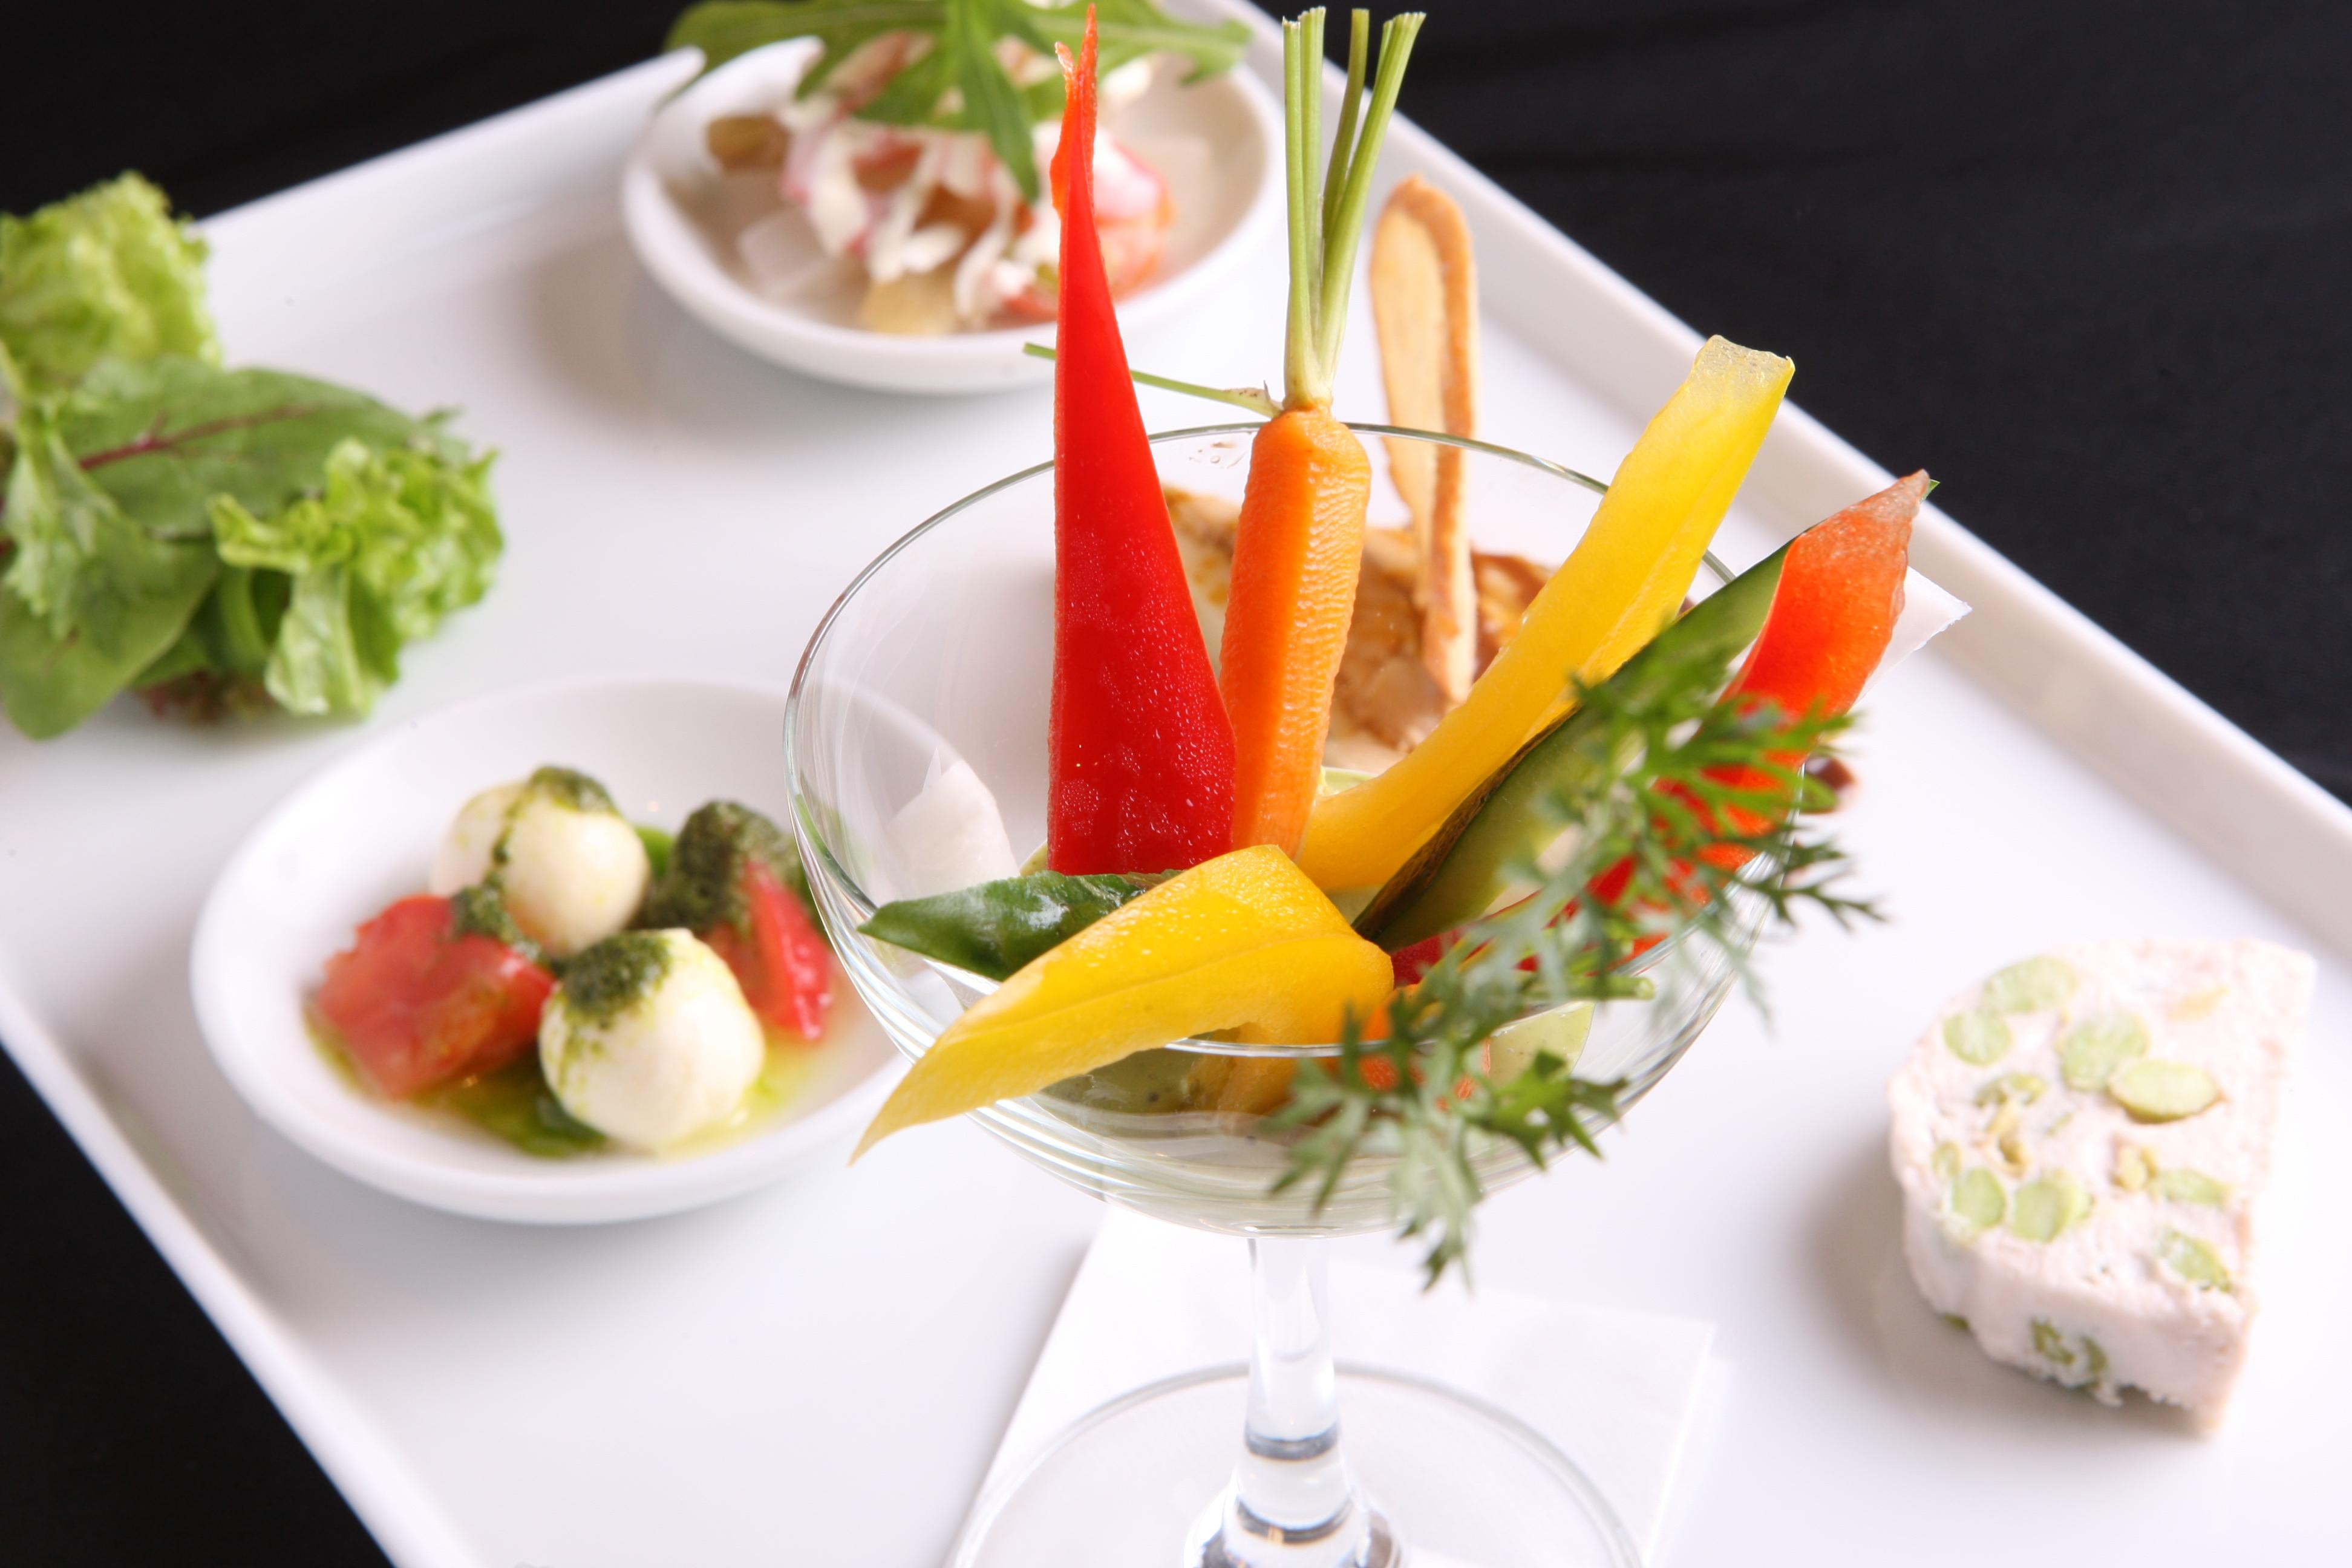 フランス料理 自由が丘 フレンチレストラン